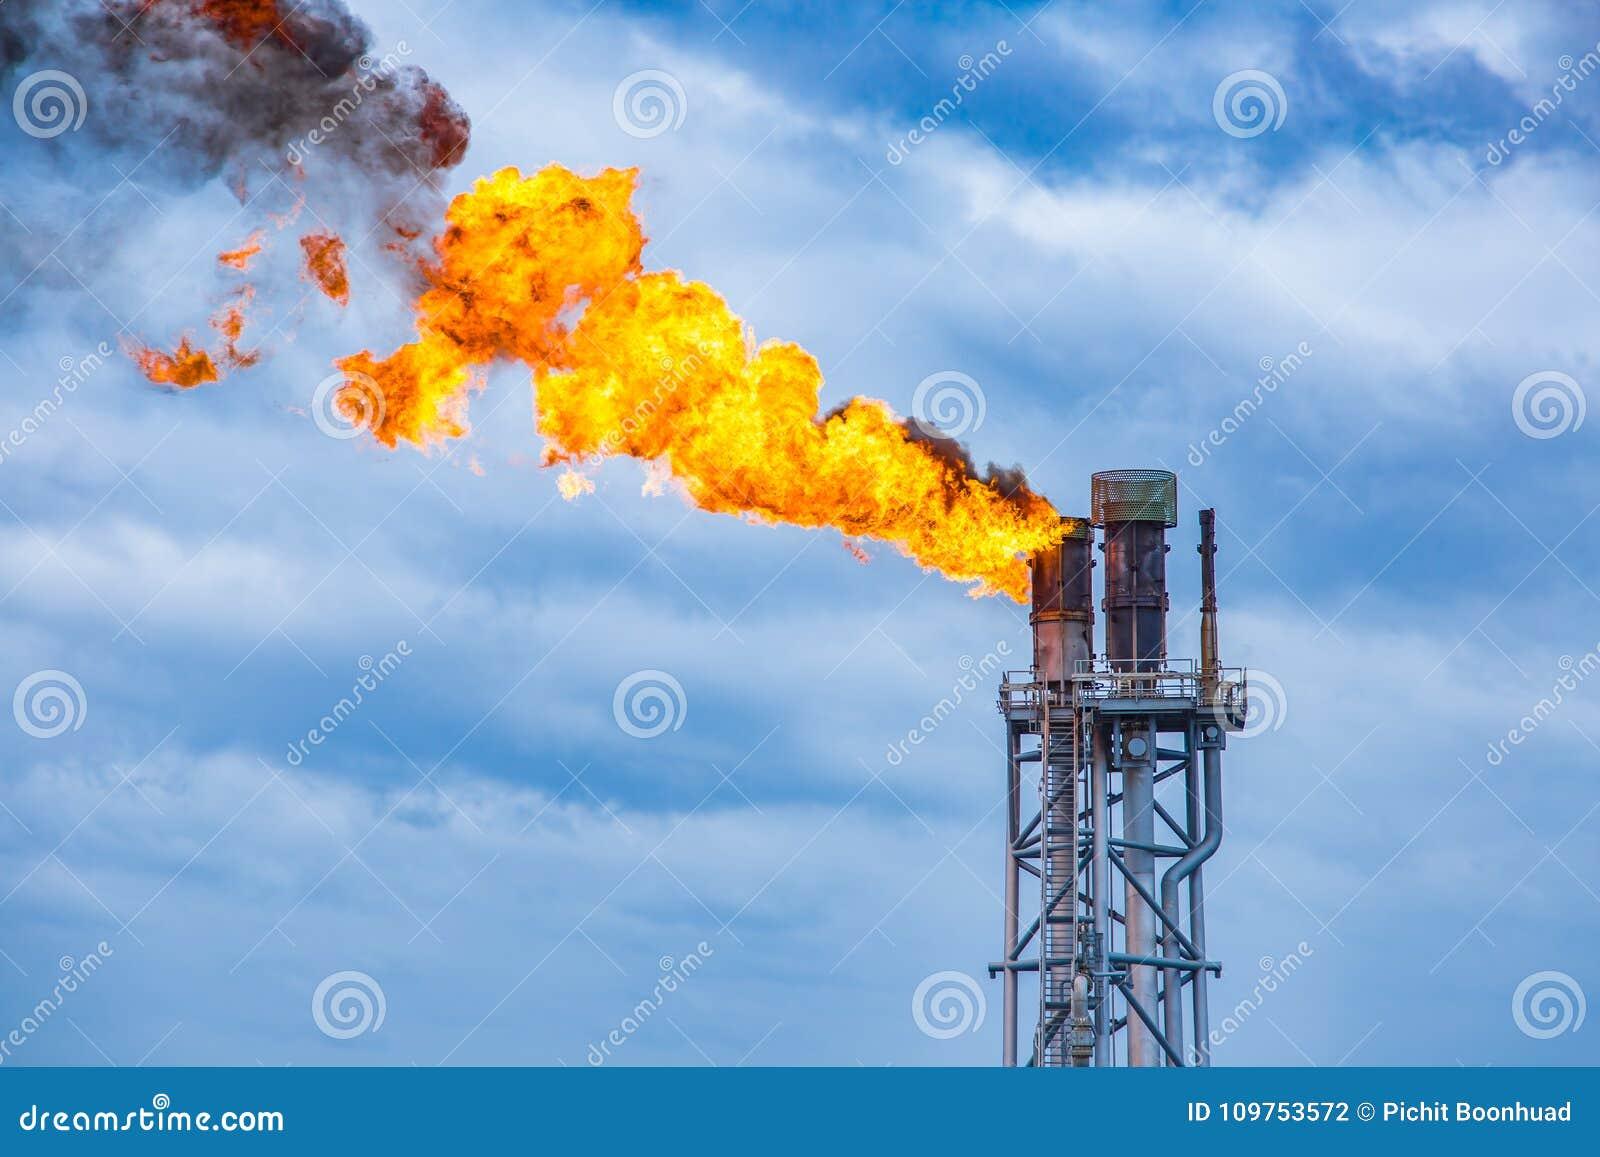 在火把烟囱的火在油和煤气中央处理平台,当烧含毒物和发行在压力时